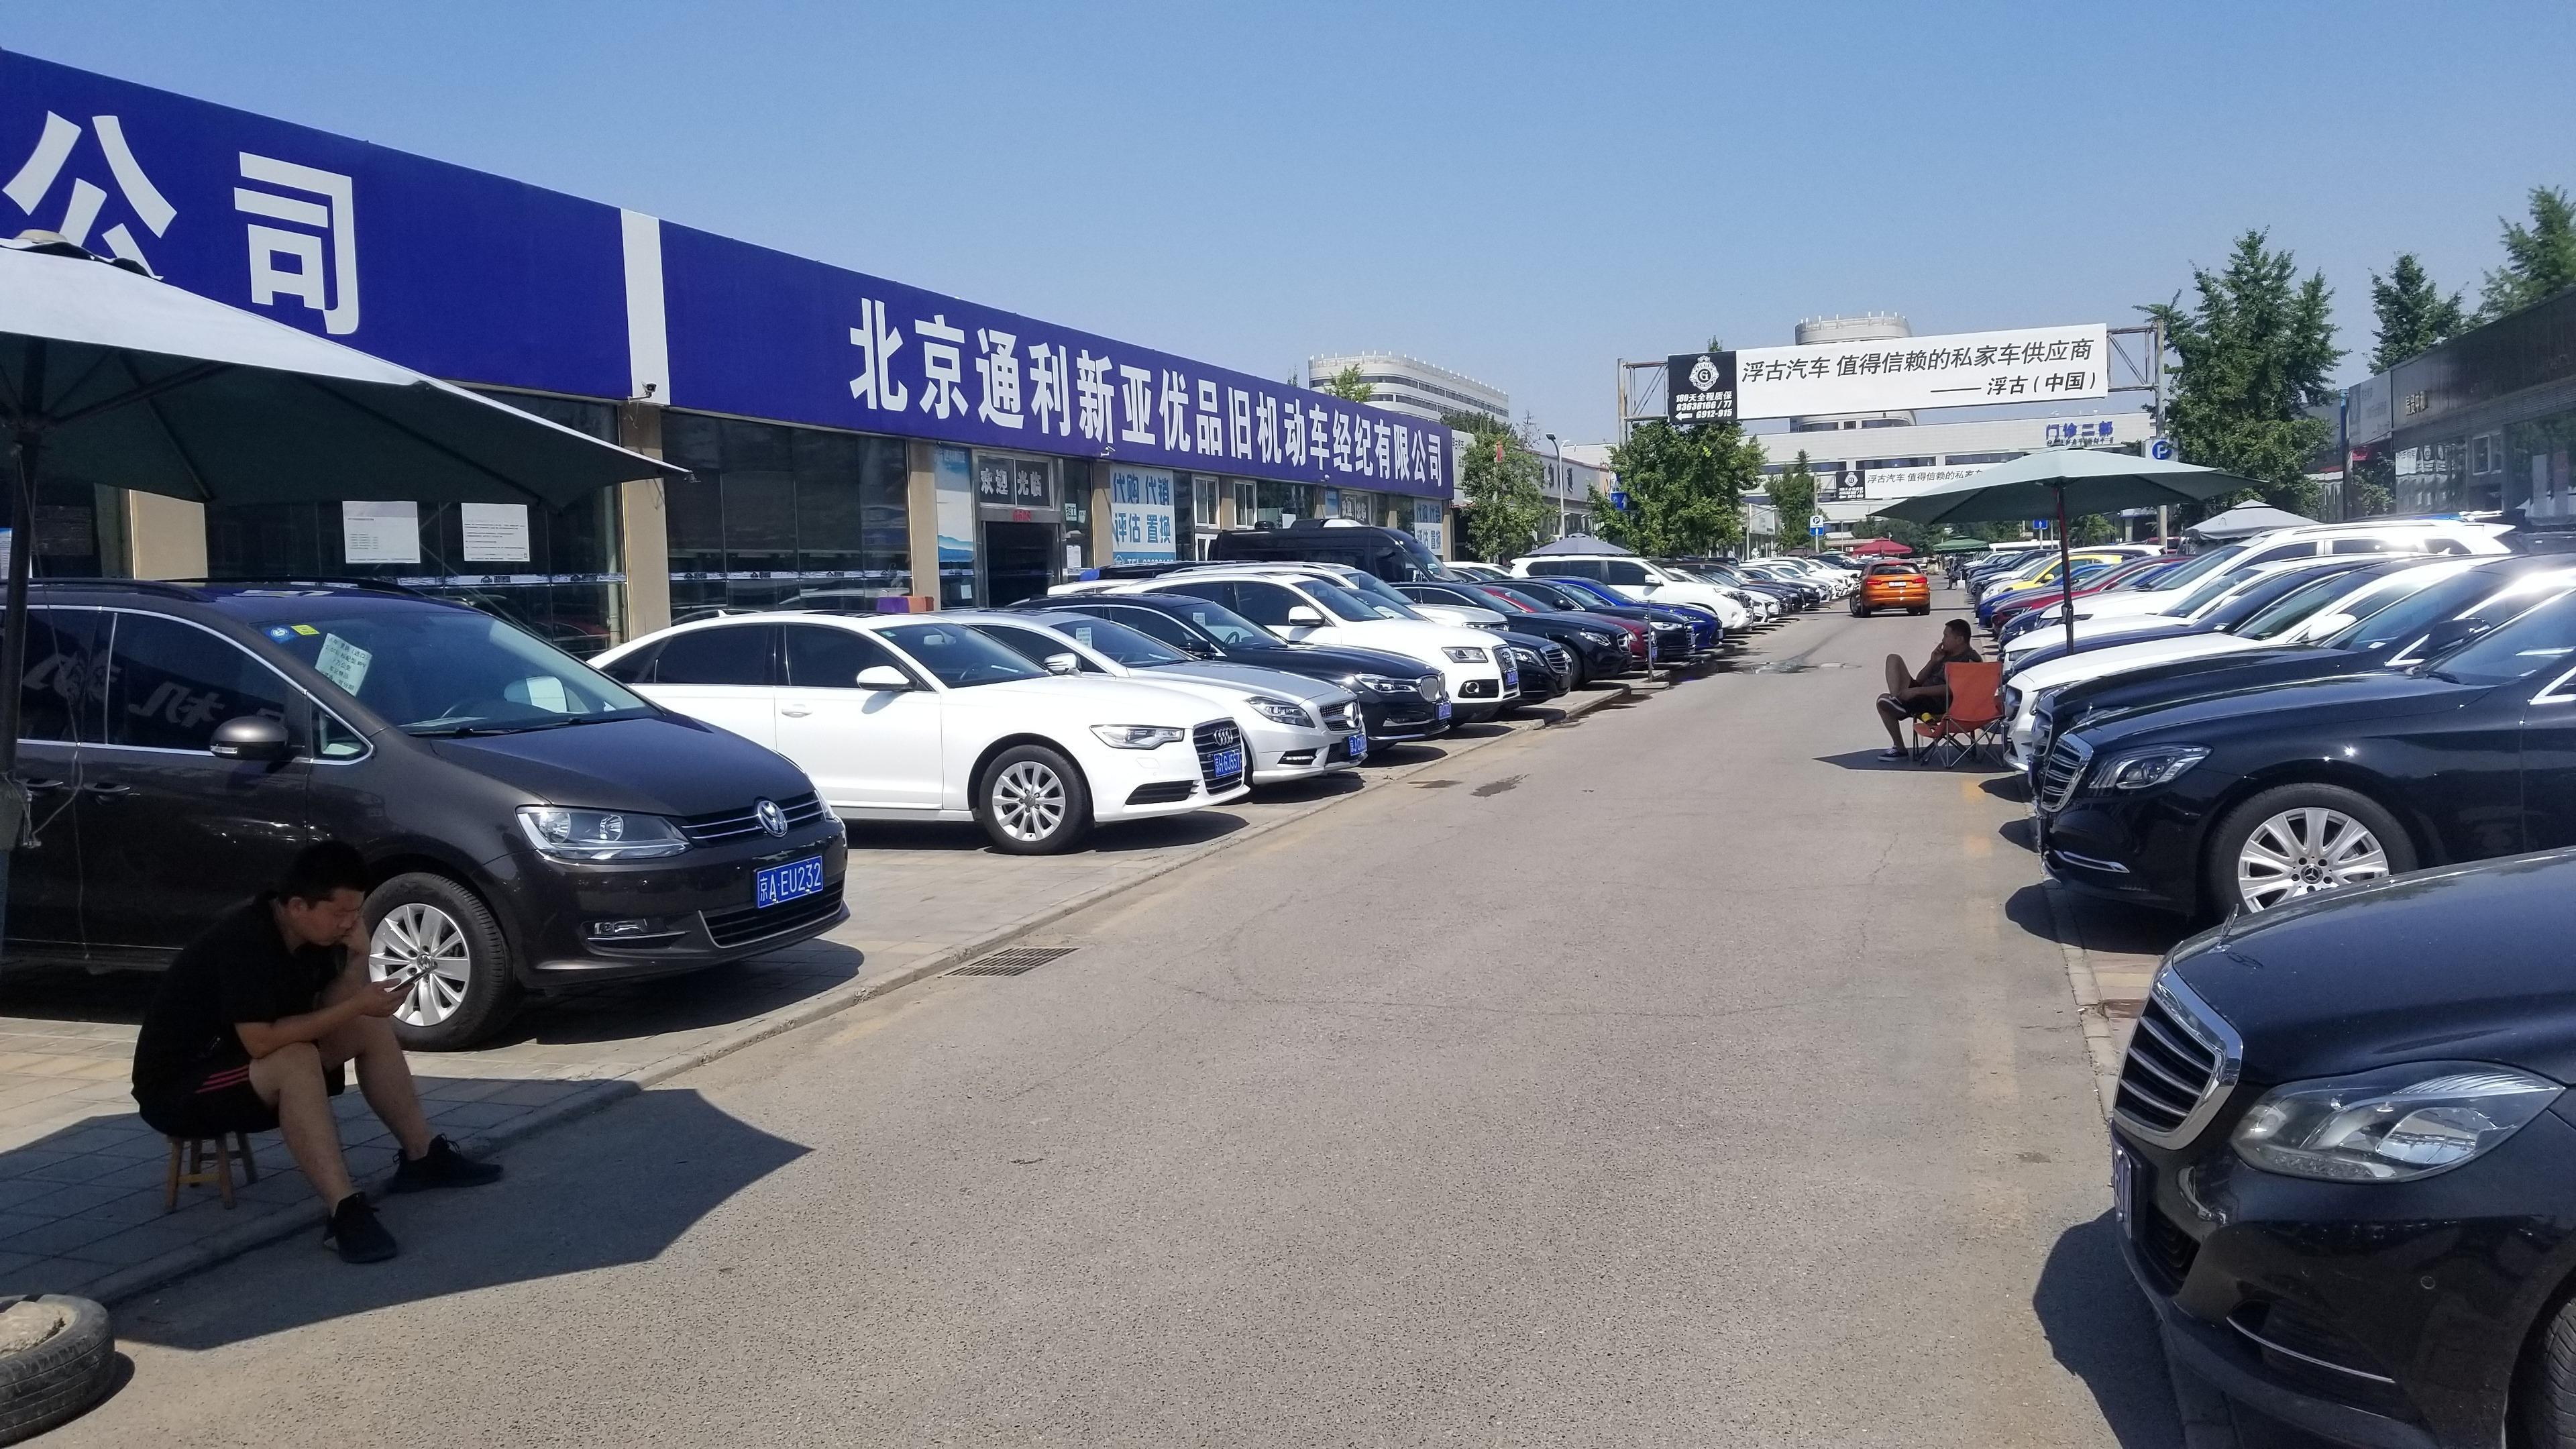 北京疫情降至三級後,花鄉二手車市交易量仍堪憂,有車商7月僅賣5輛車